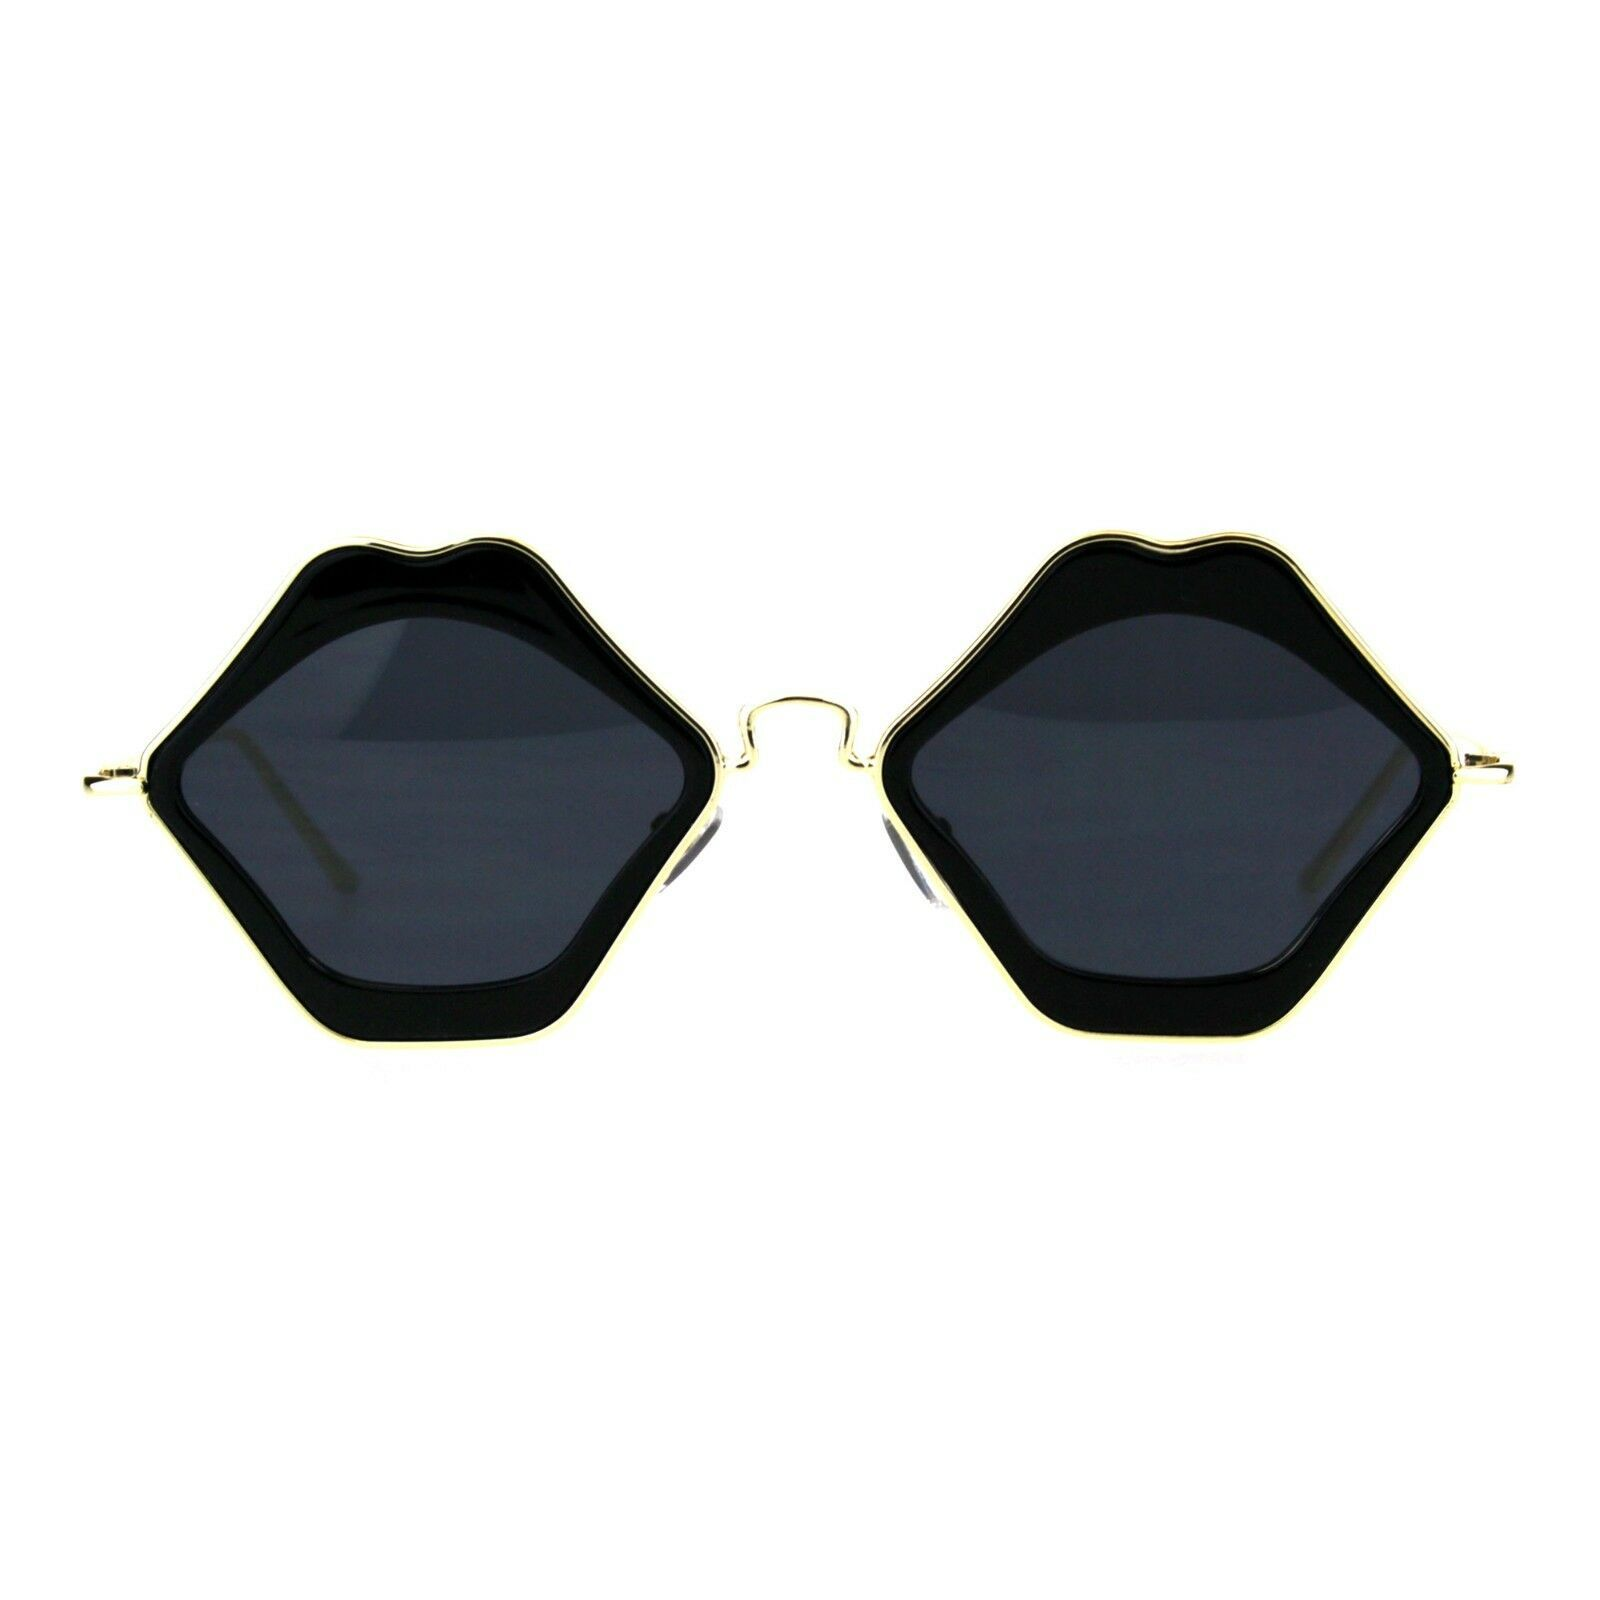 Lip Shape Sunglasses Womens Lips Kiss Fashion UV 400 Shades